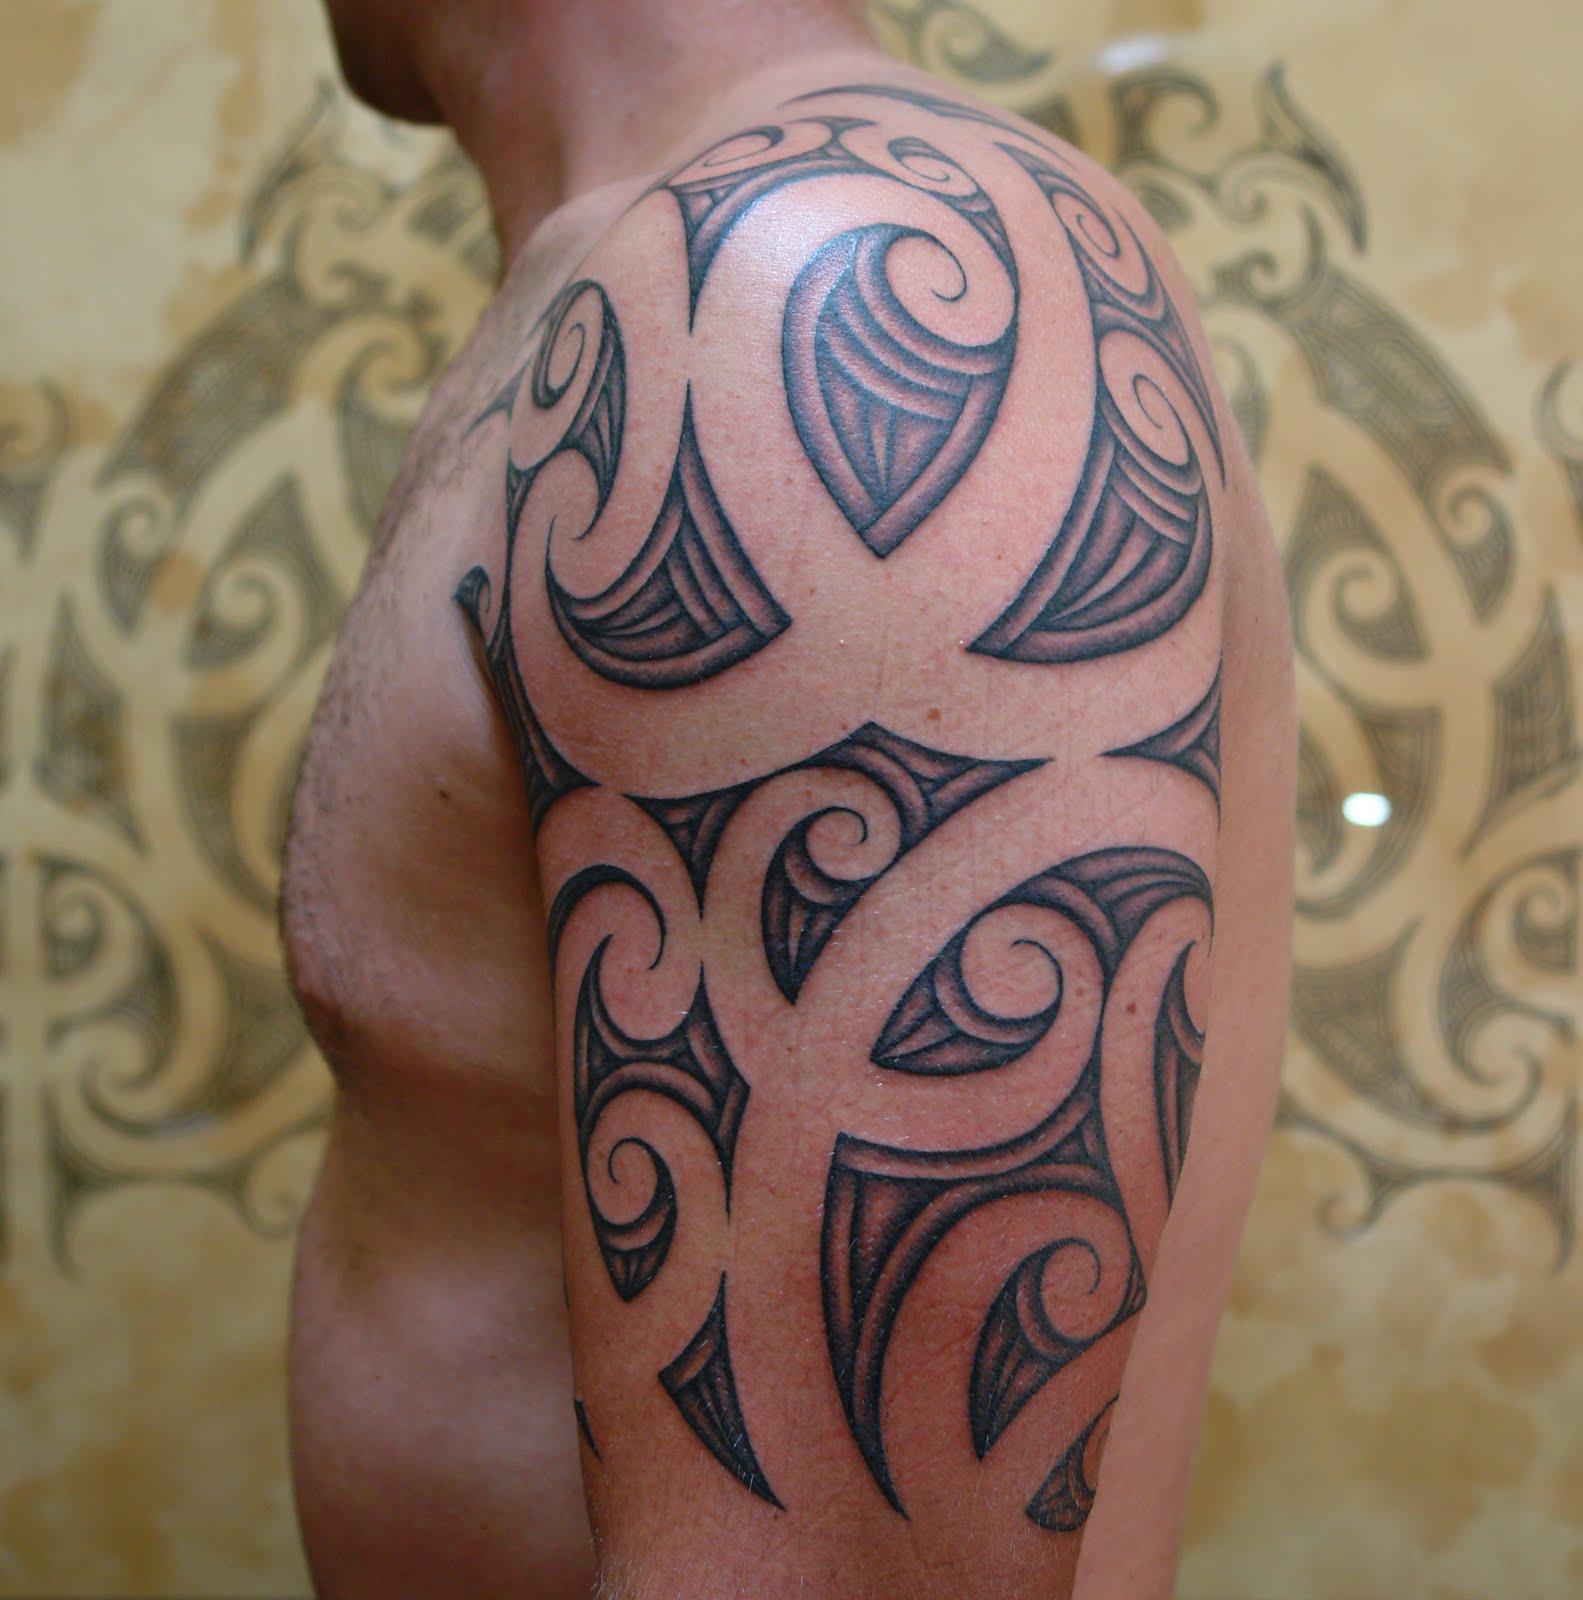 Maori Tribal Tattoo Design: Body Art World Tattoos: Maori Tattoo Art And Traditional